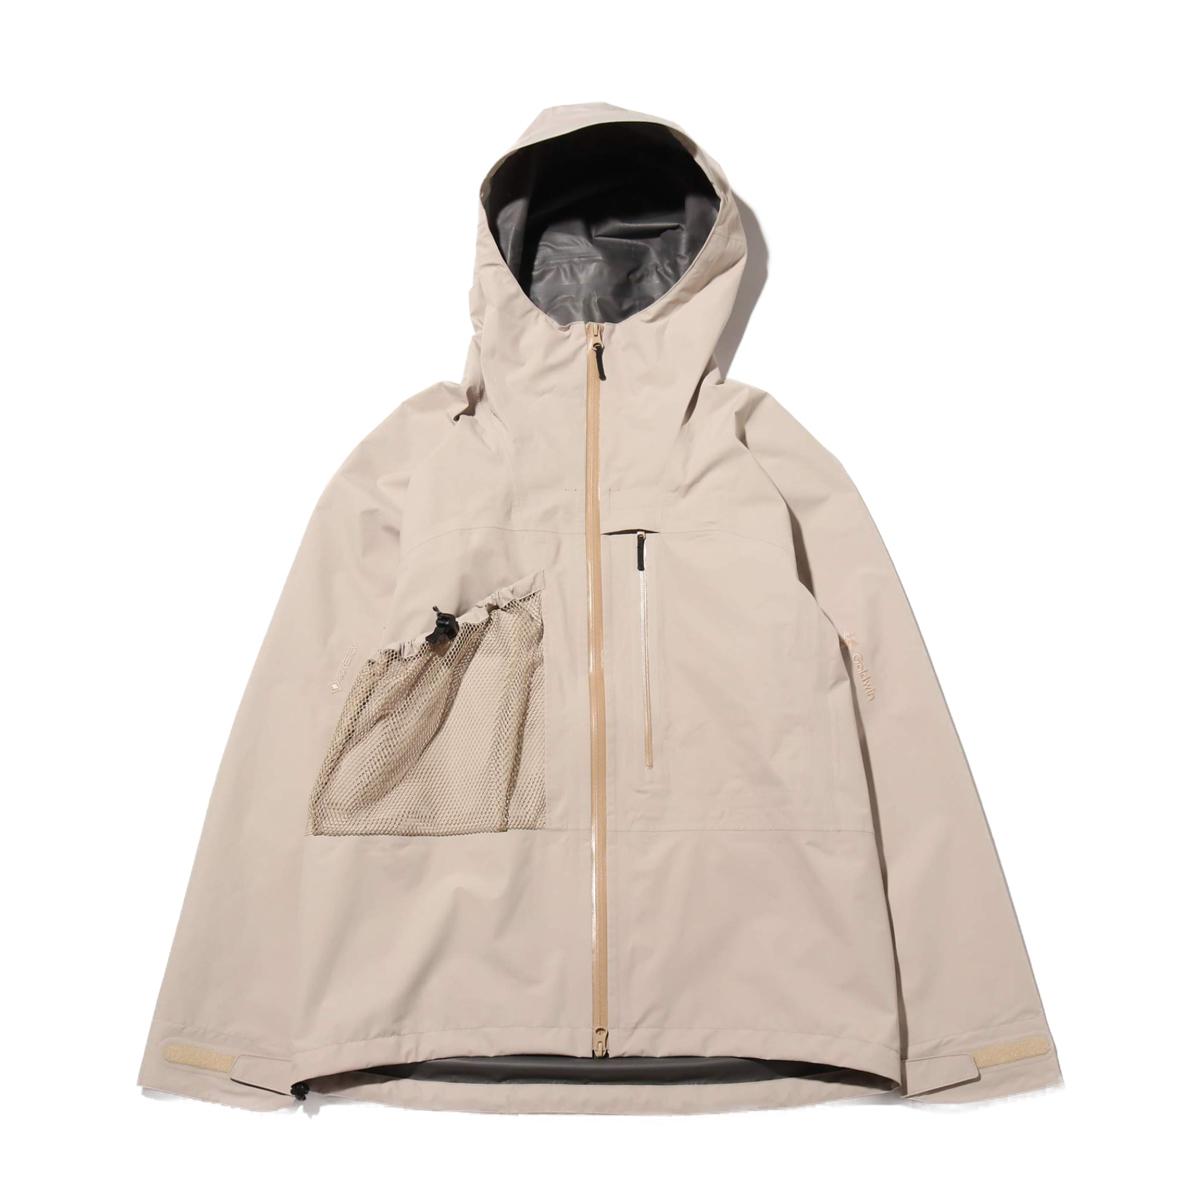 Goldwin GORE-TEX Utility Mountain Jacket(SAND BEIGE)(ゴールドウィン ゴアテックス ユーティリティ マウンテンジャケット)【メンズ】【ジャケット】【20SP-I】